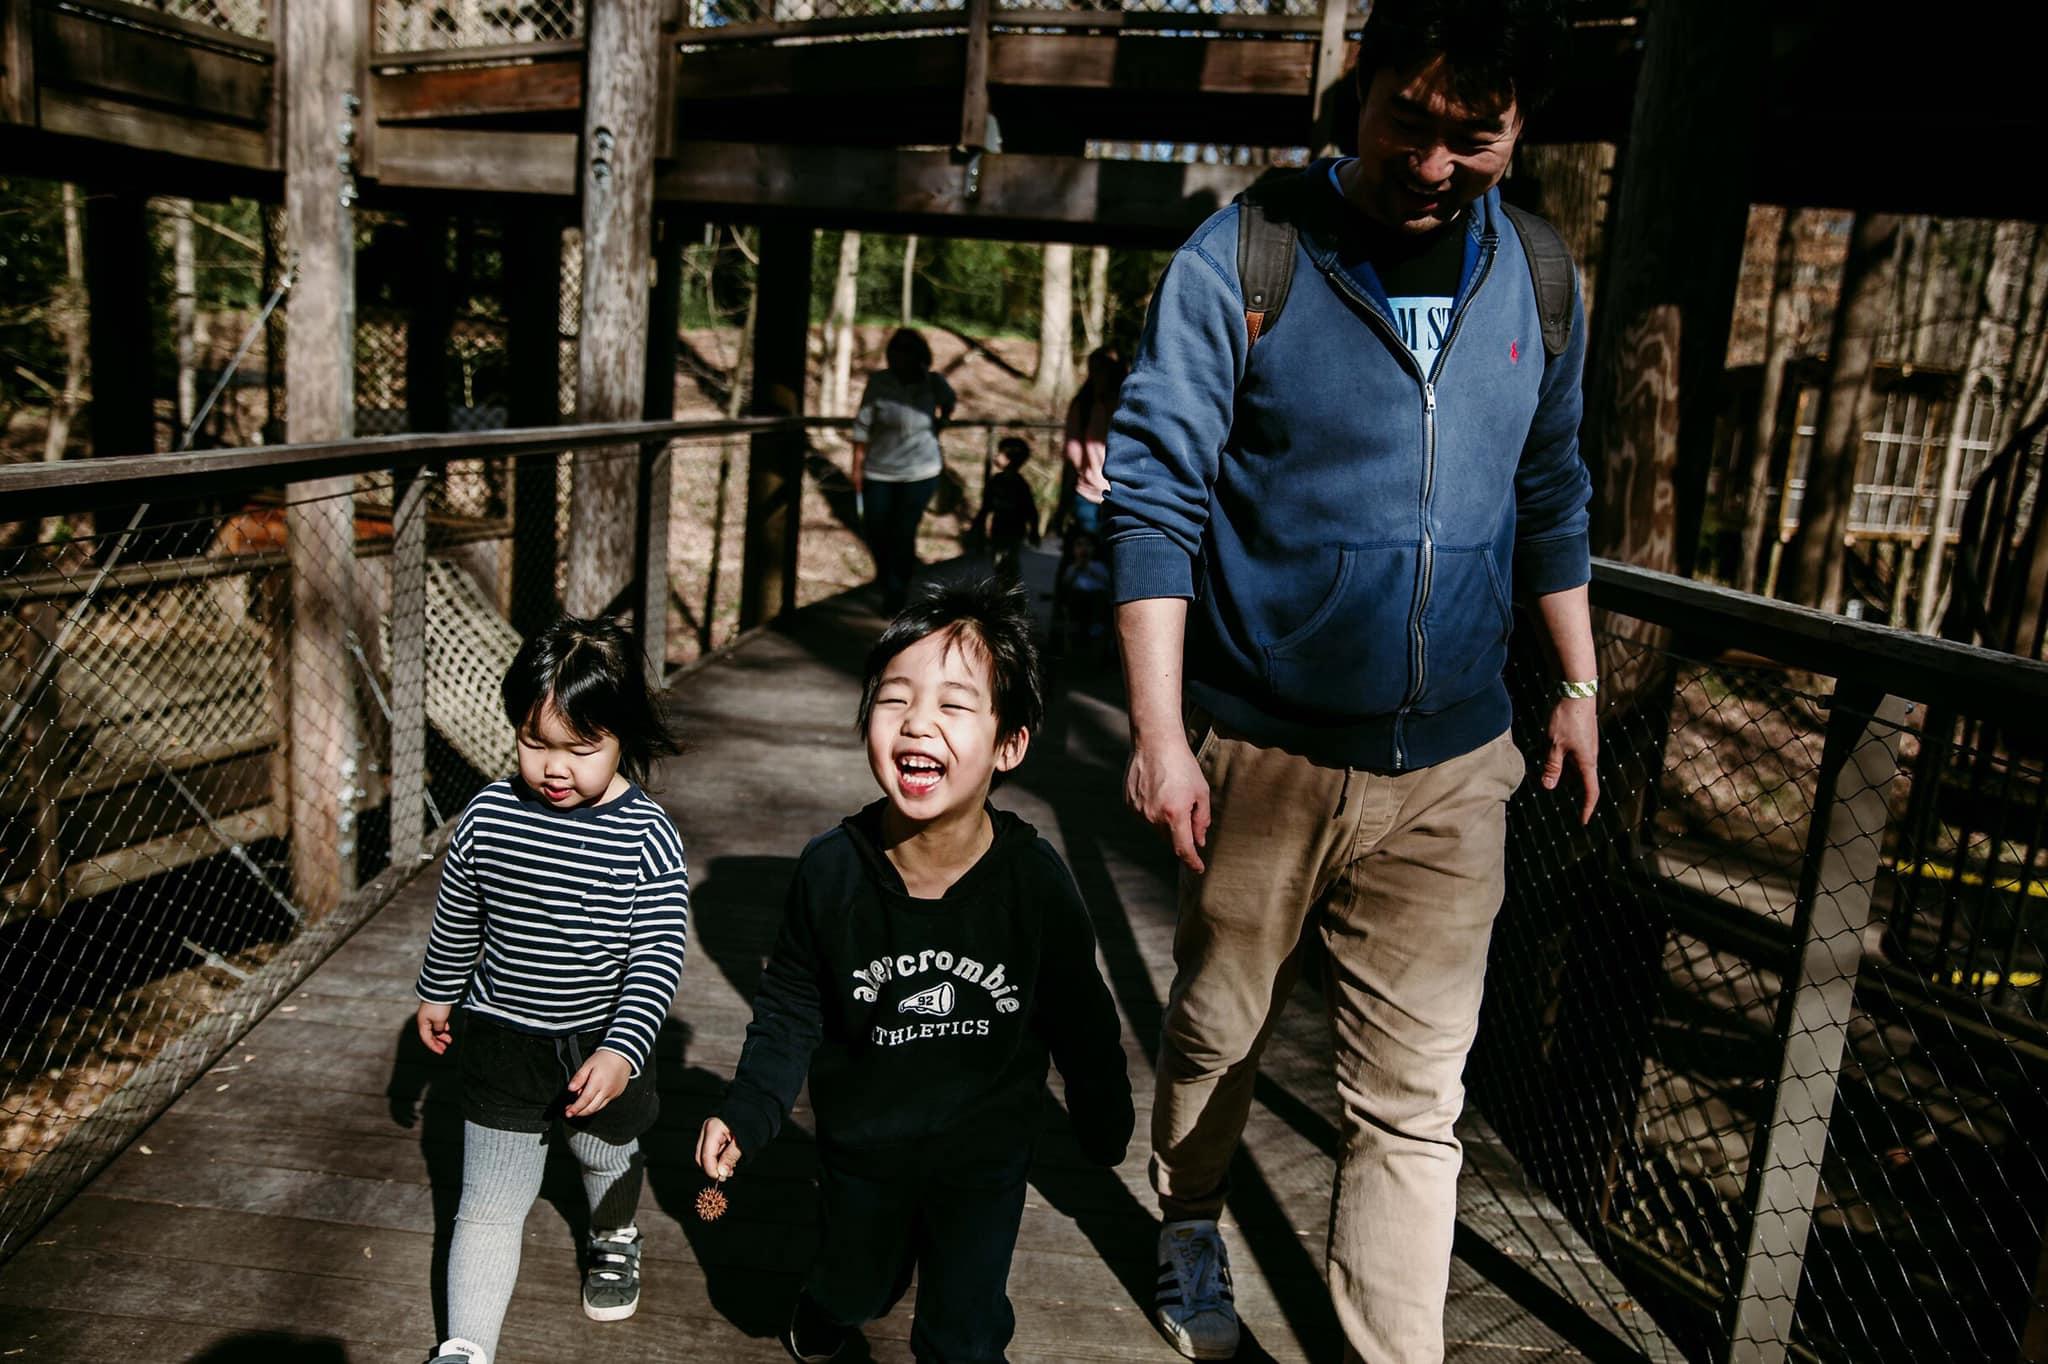 franklin-nashville-family photographer-siblings40.jpg